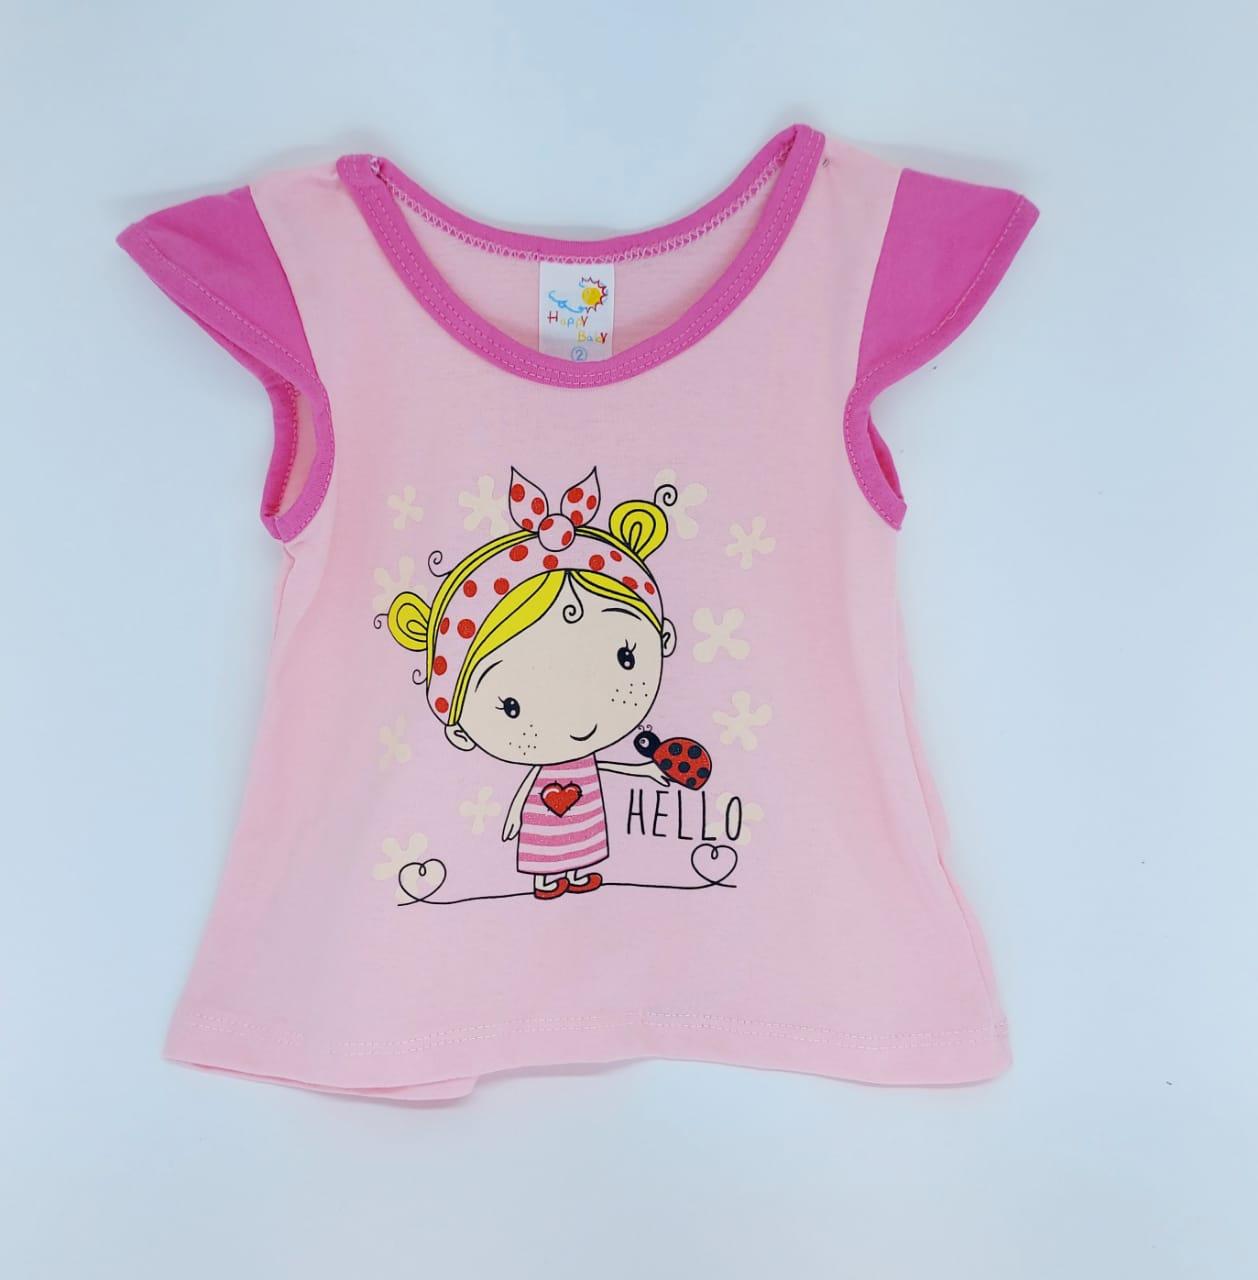 Conjunto Rosa - Camisa Regata E Shorts - 02 Peças - 100% Algodão - Happy Baby